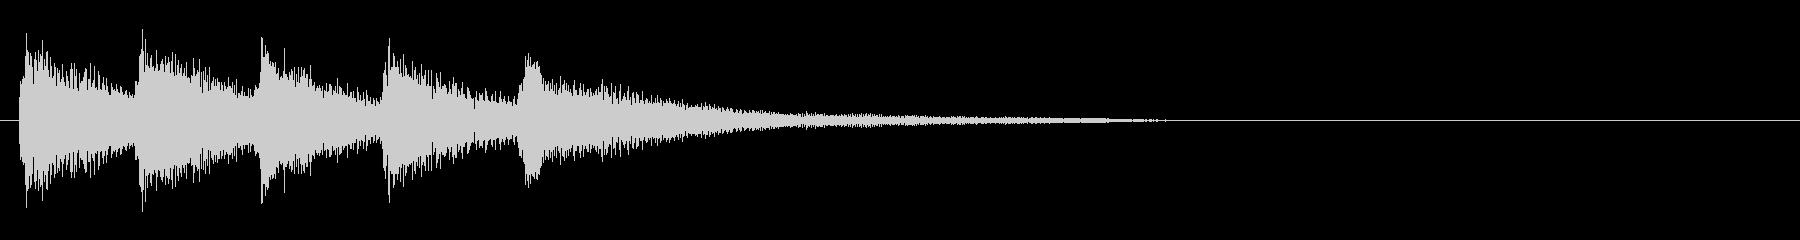 ベル6 16bit44.1kHzVerの未再生の波形